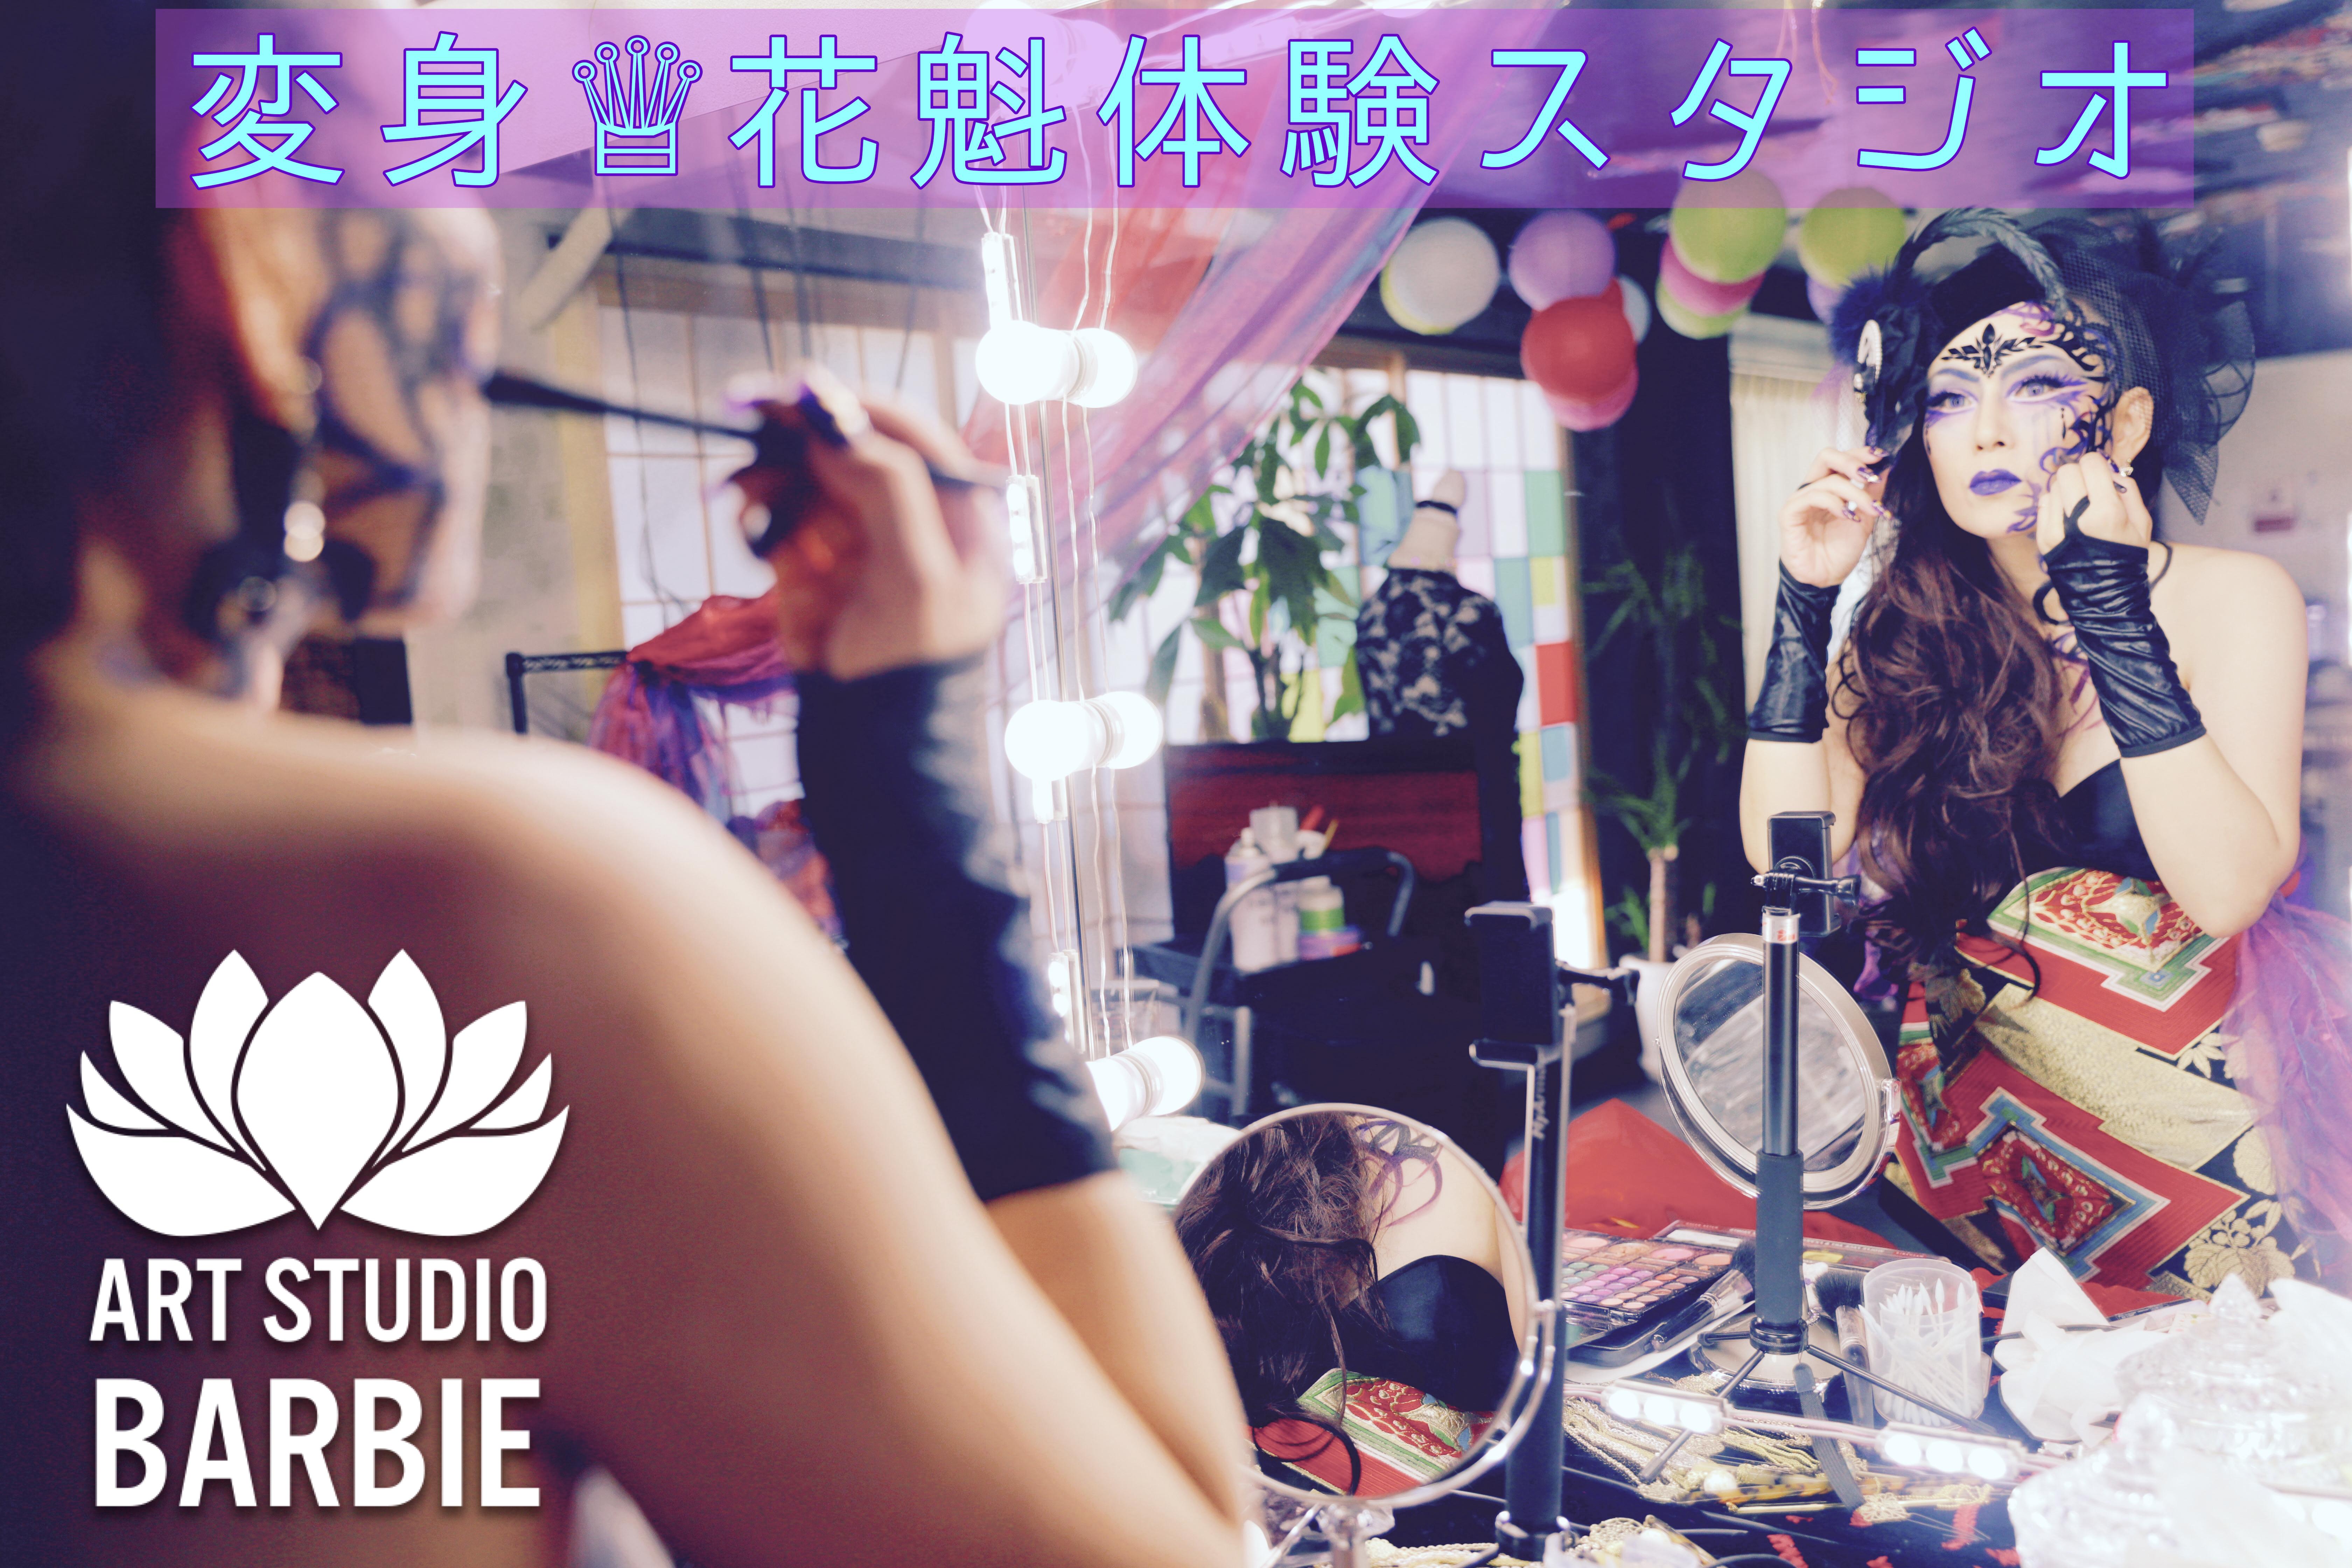 姫路花魁体験 | Art Studio Barbie